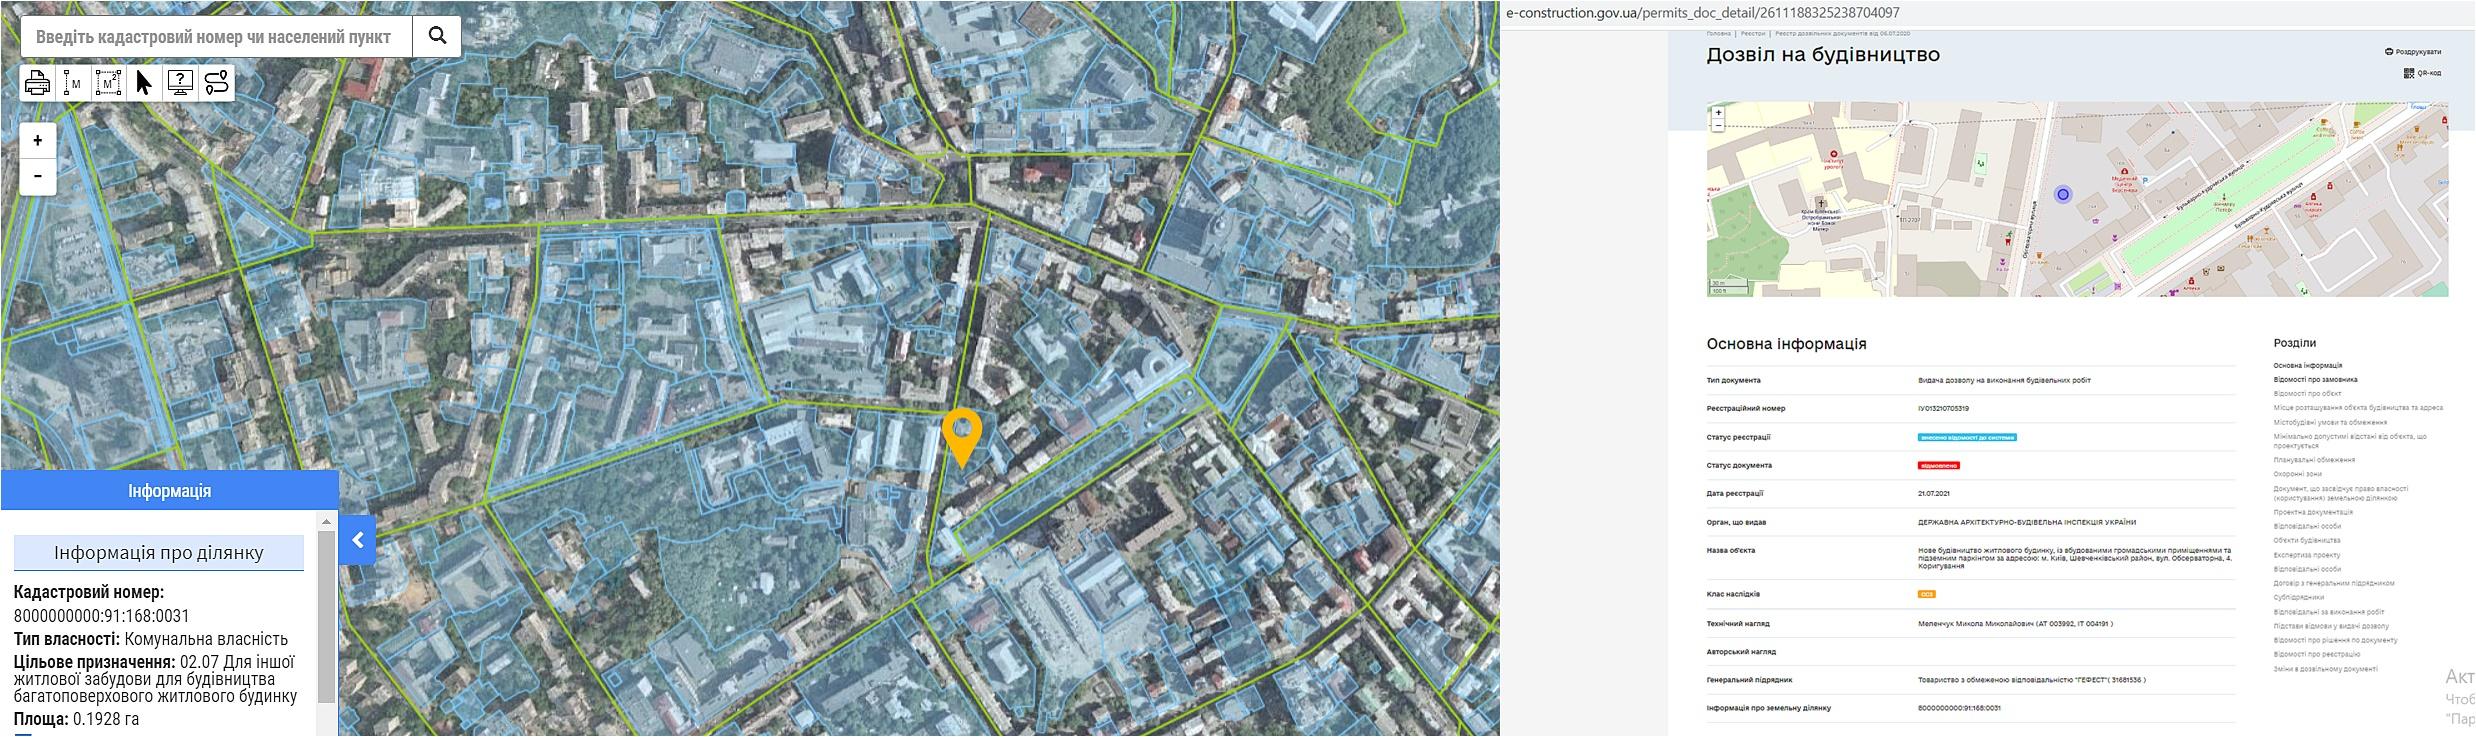 Проект ЖК по ул. Обсерваторная, 4 данные кадастра и разрешение на строительство